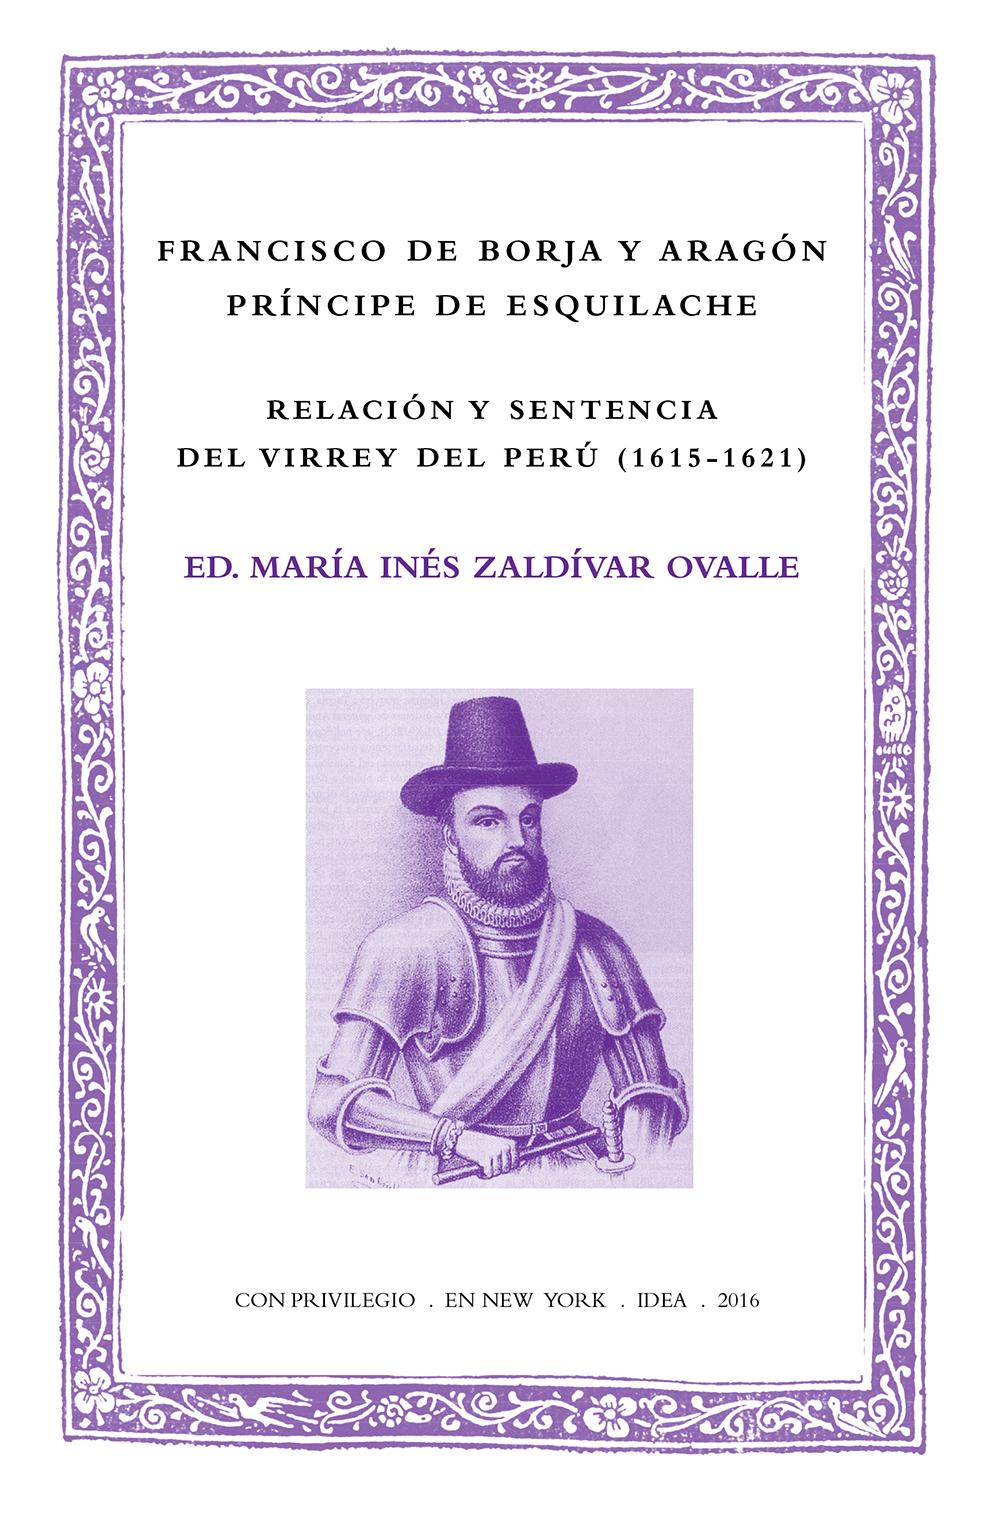 Batihoja 31. Relación y sentencia del virrey del Perú (1615-1621)